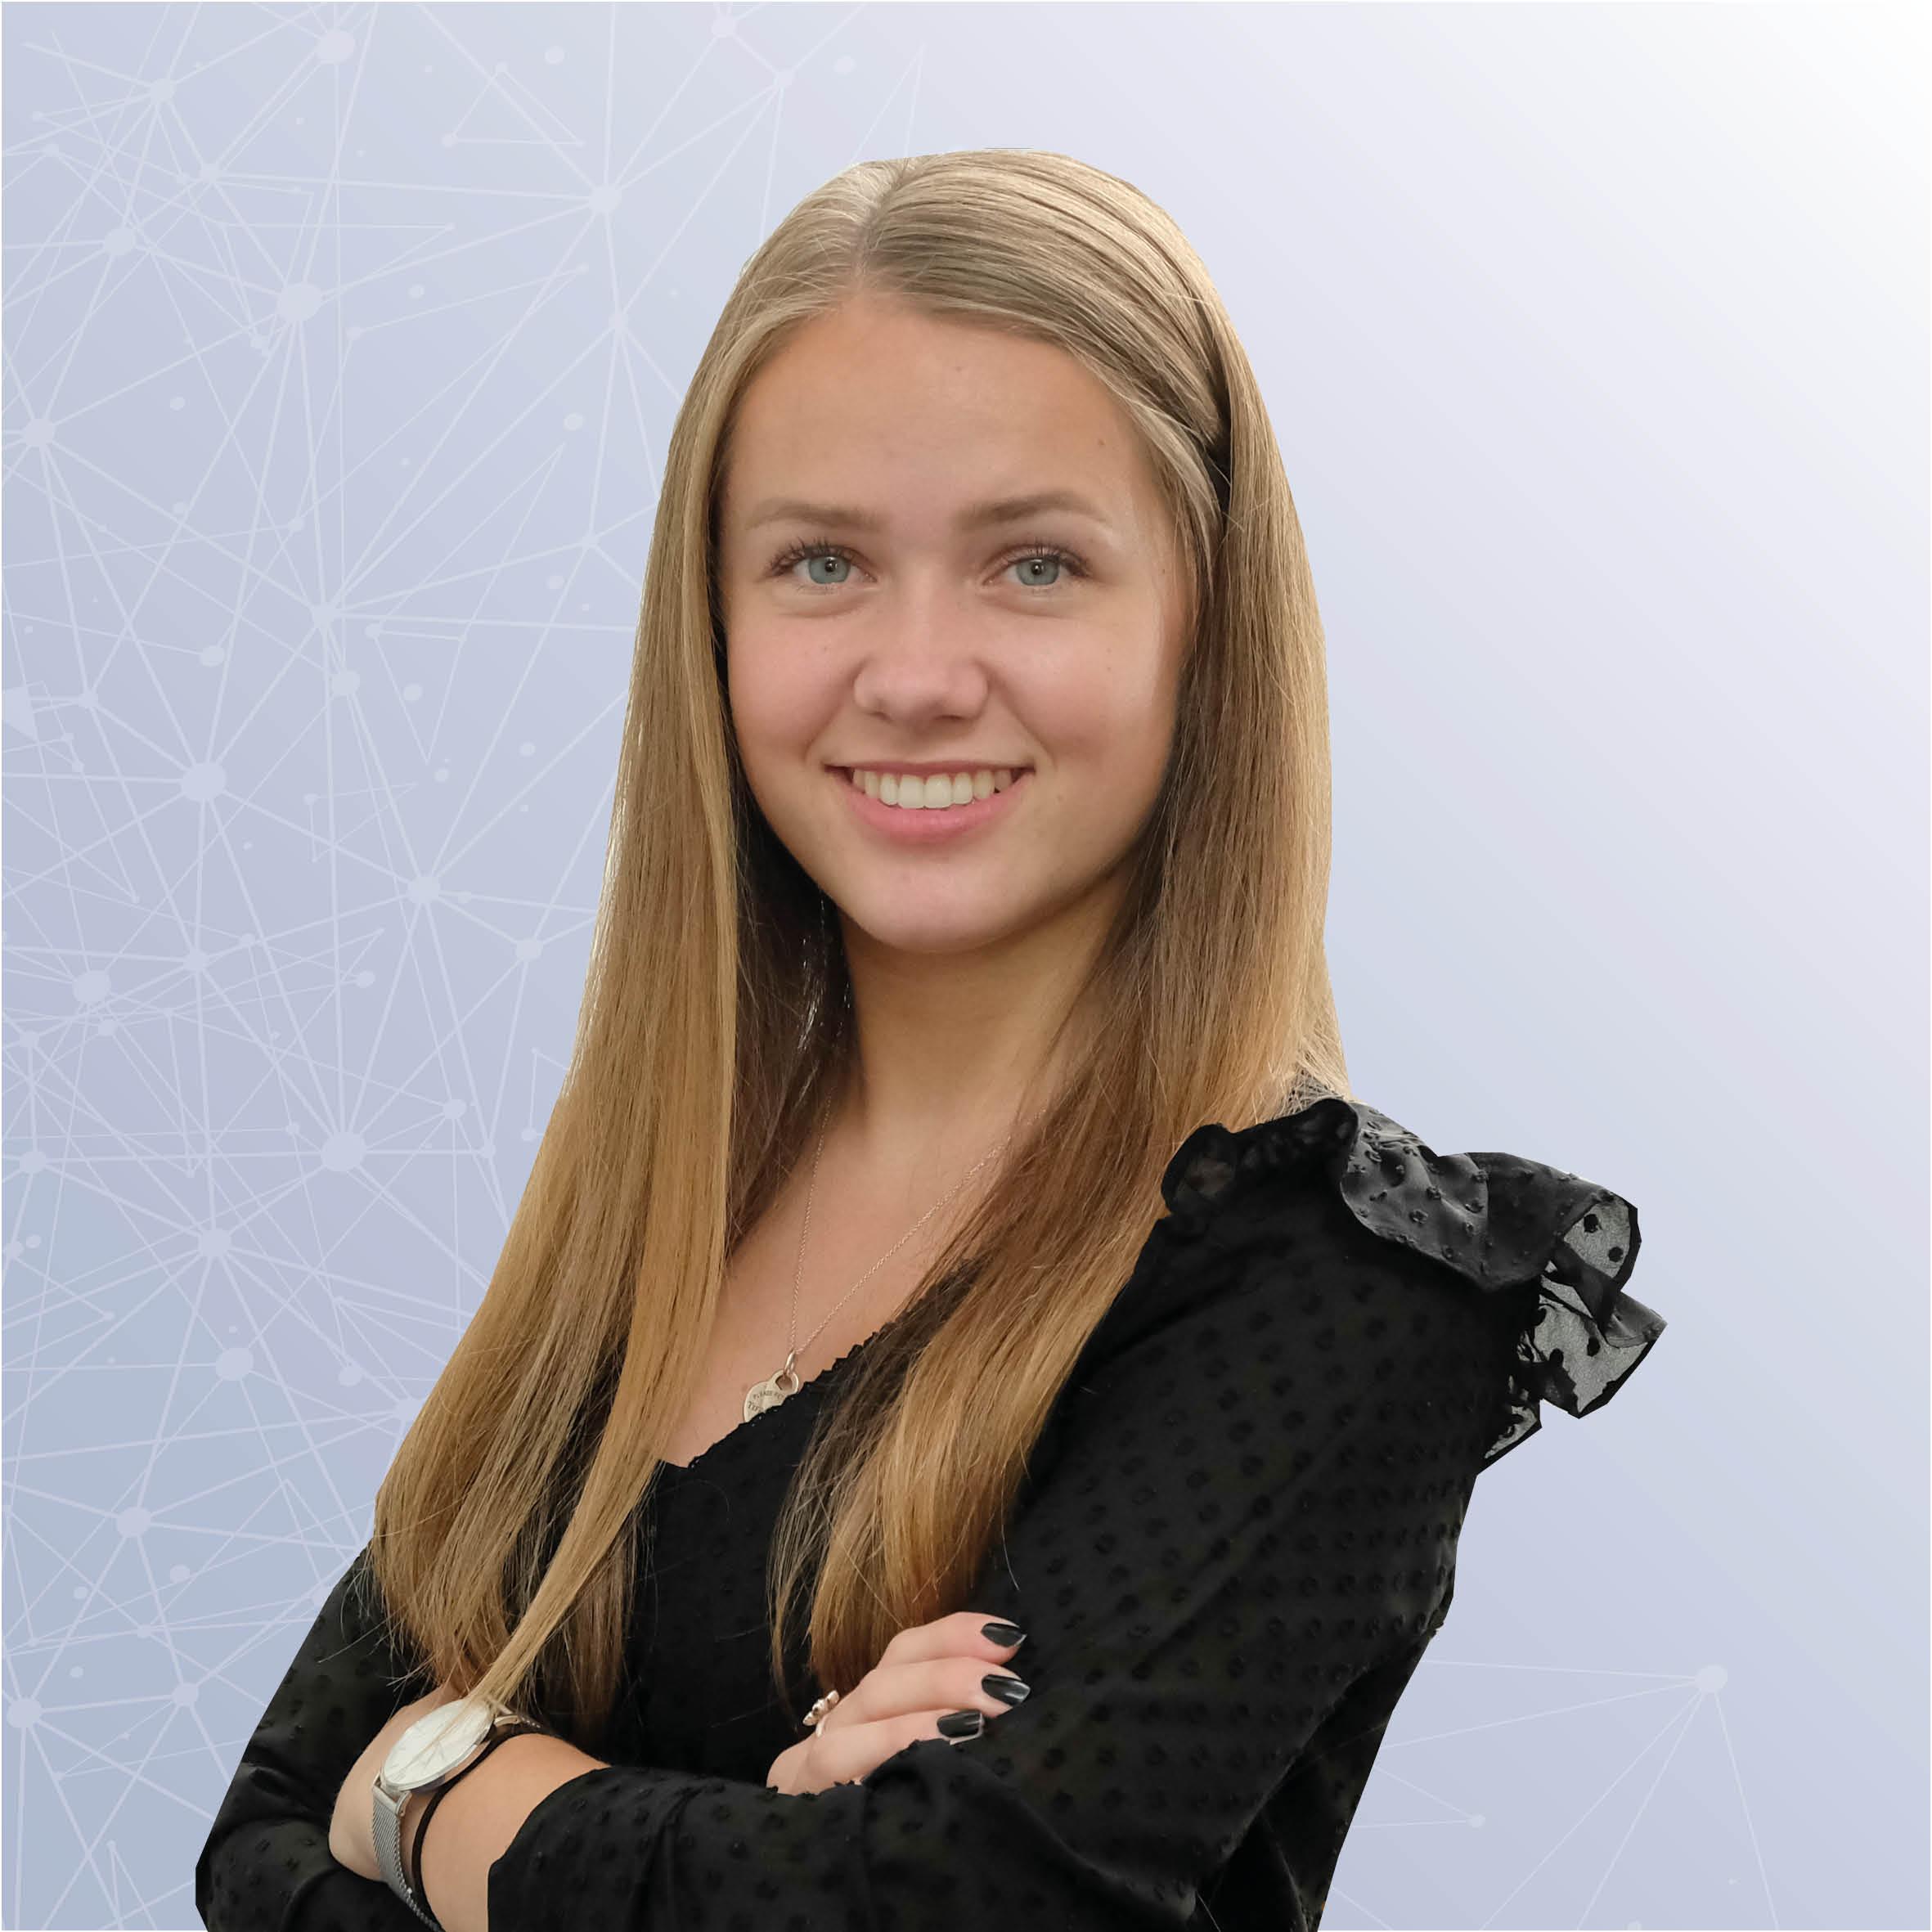 Vanessa Weeke Bildnachweis SPIE